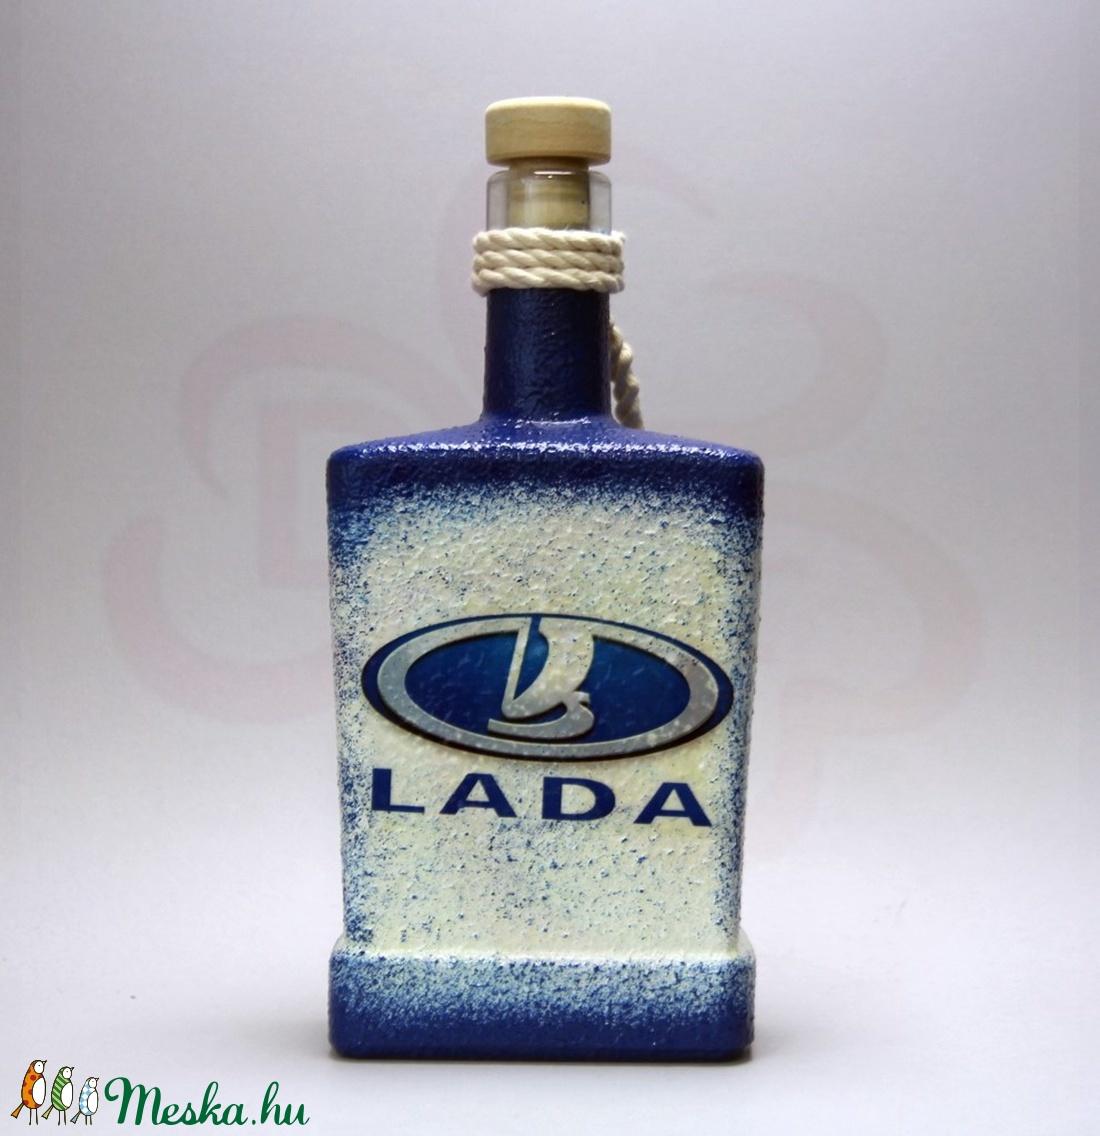 LADA ZSIGULI emblémás italos üveg ; A Lada márka rajongóinak - Meska.hu